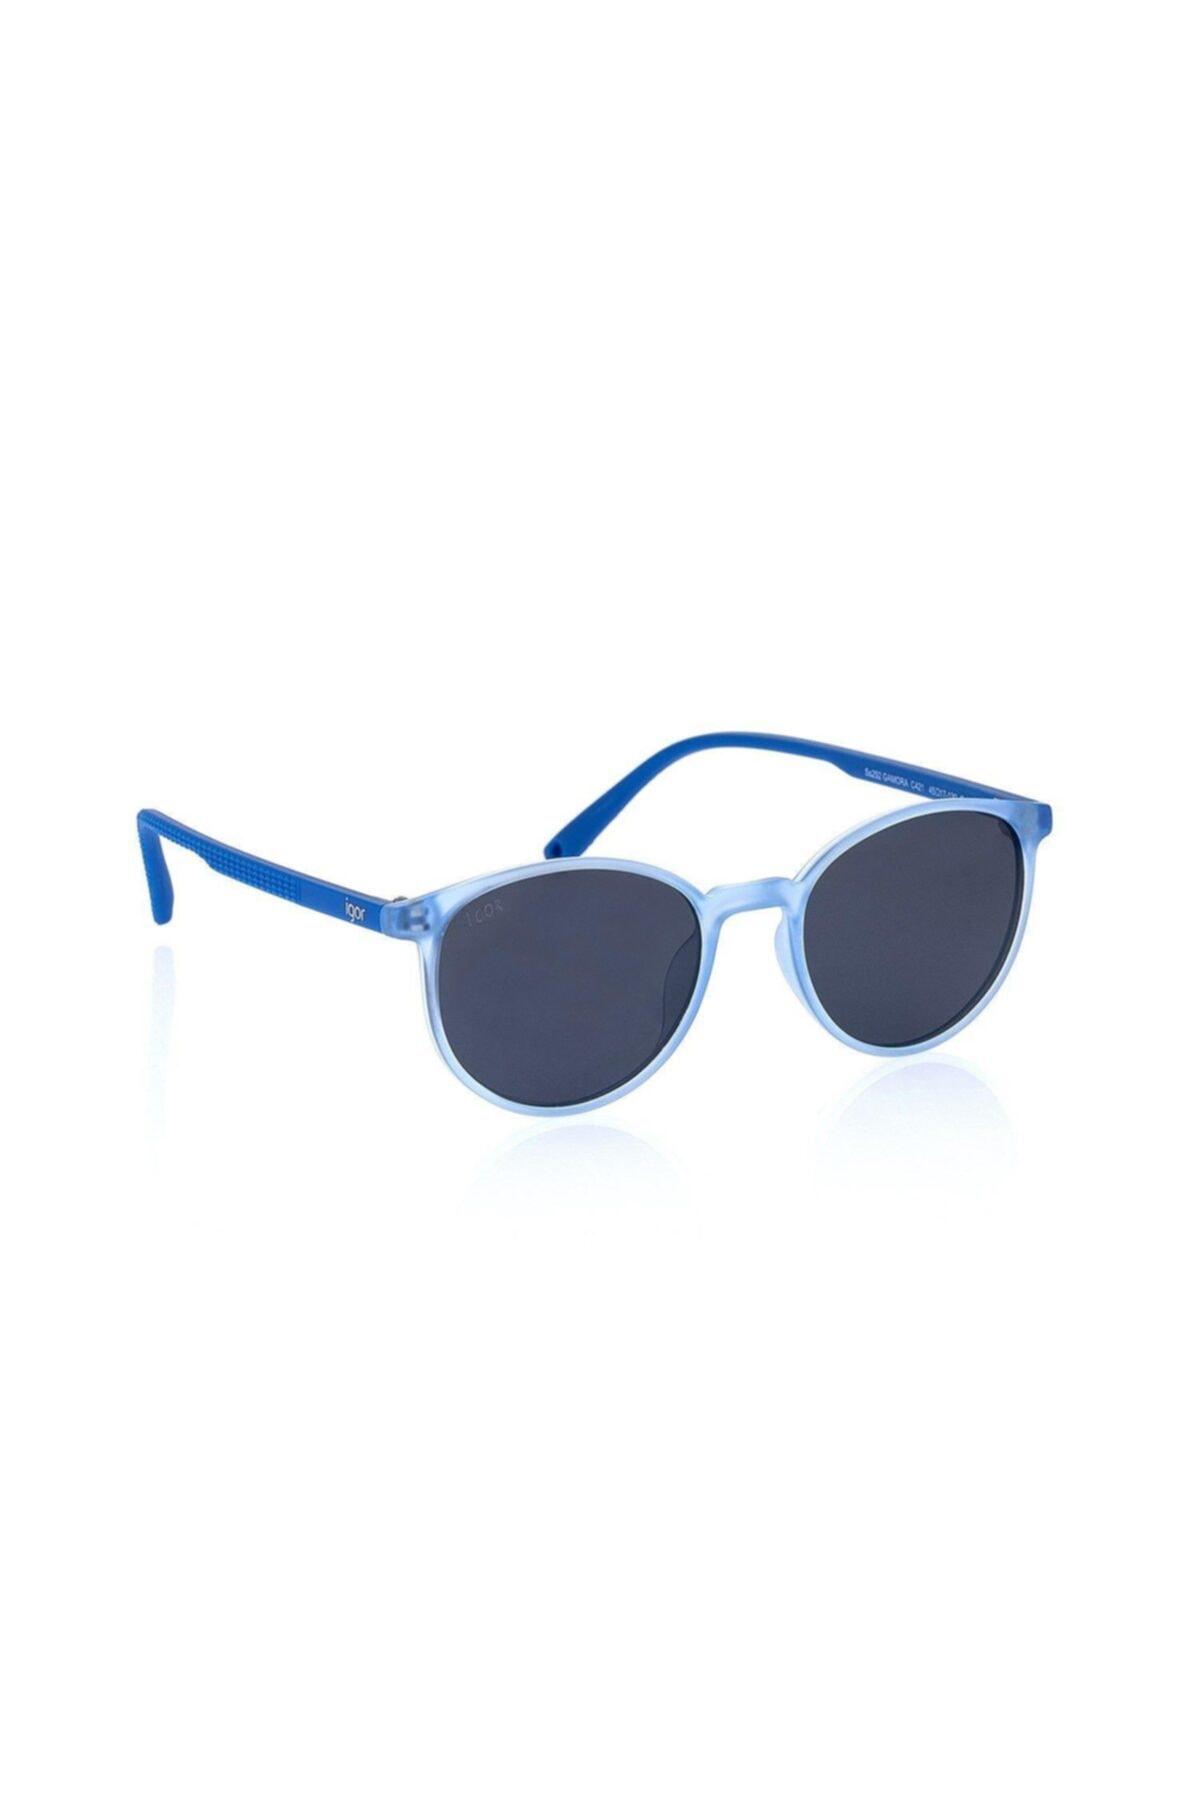 فروش نقدی عینک آفتابی پسرانه خاص برند IGOR رنگ آبی کد ty98358341